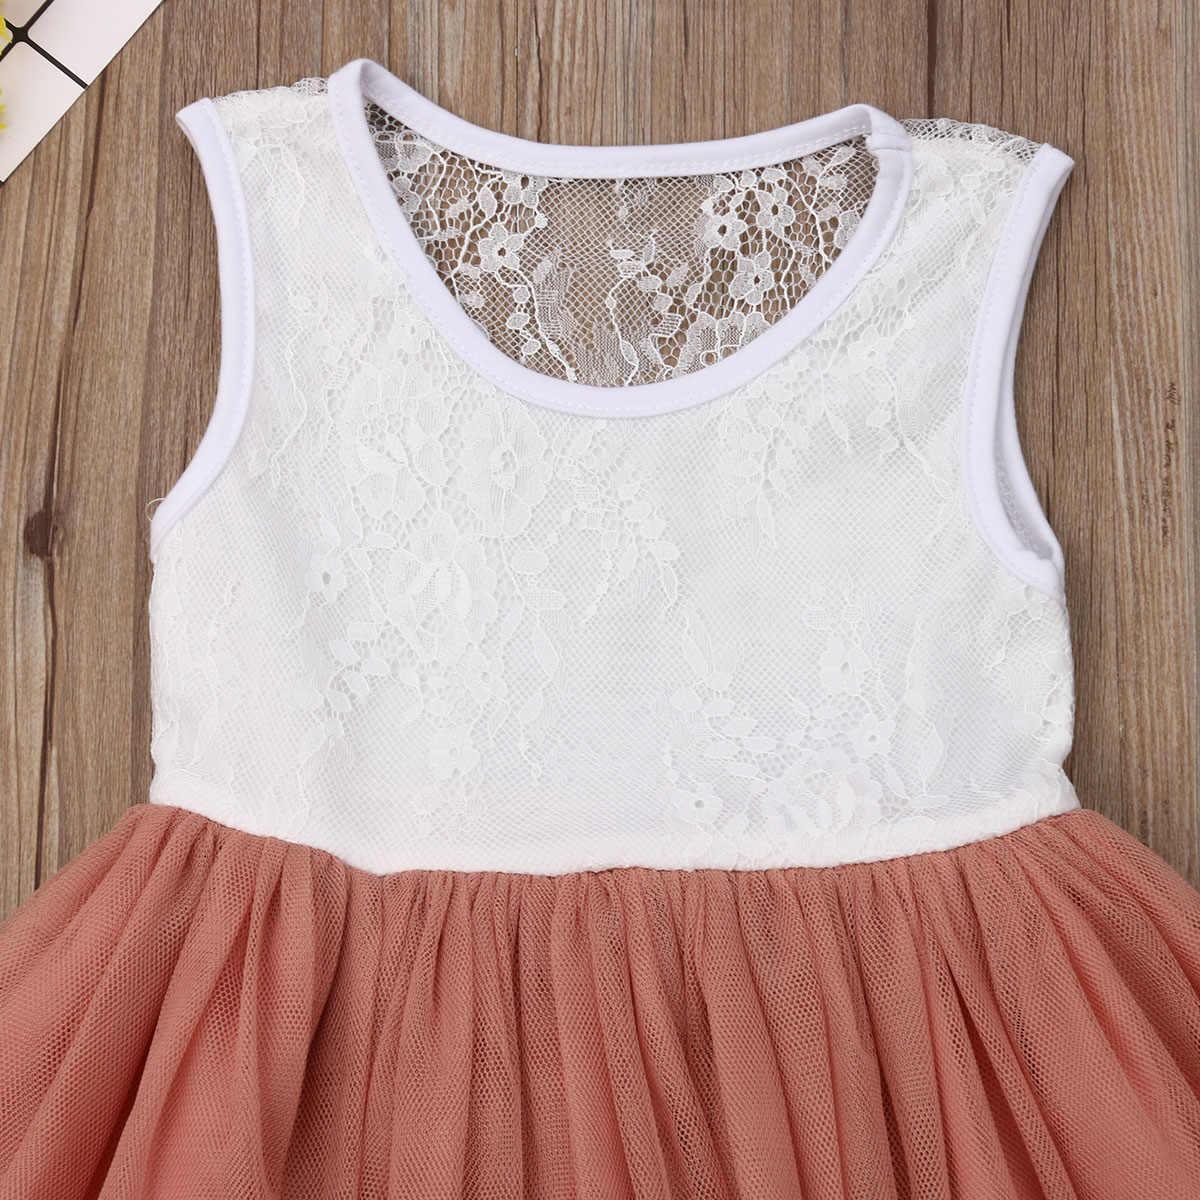 2019 الصيف الأميرة الرضع رضع أطفال فتيات زهرة فستان طويل الصلبة الدانتيل خليط الكاحل طول توتو اللباس فستان الشمس